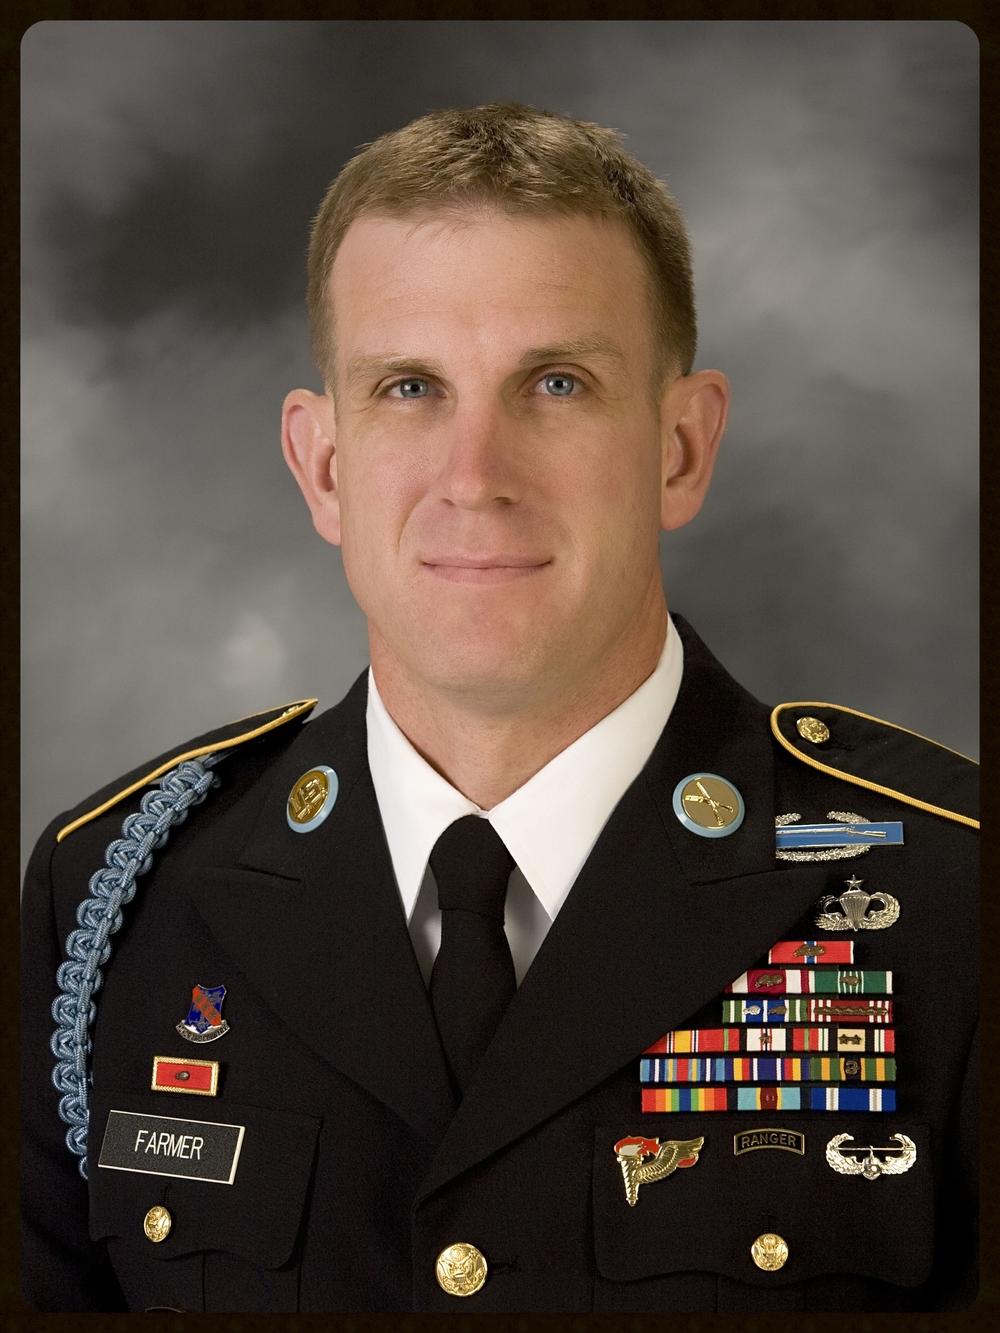 MSG ADAM FARMER United States Army